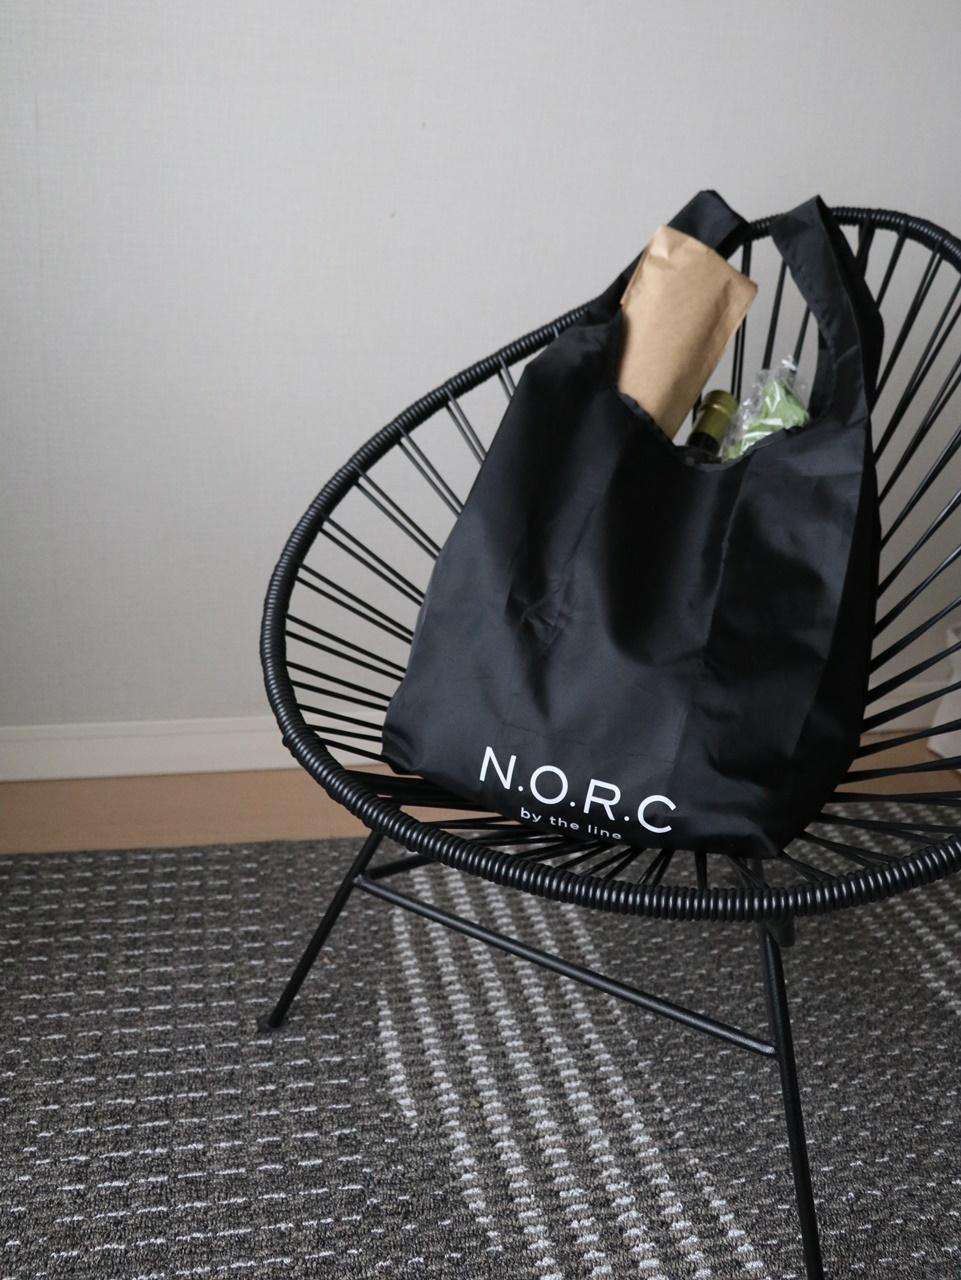 N.O.R.Cのショッパーバッグでお買い物